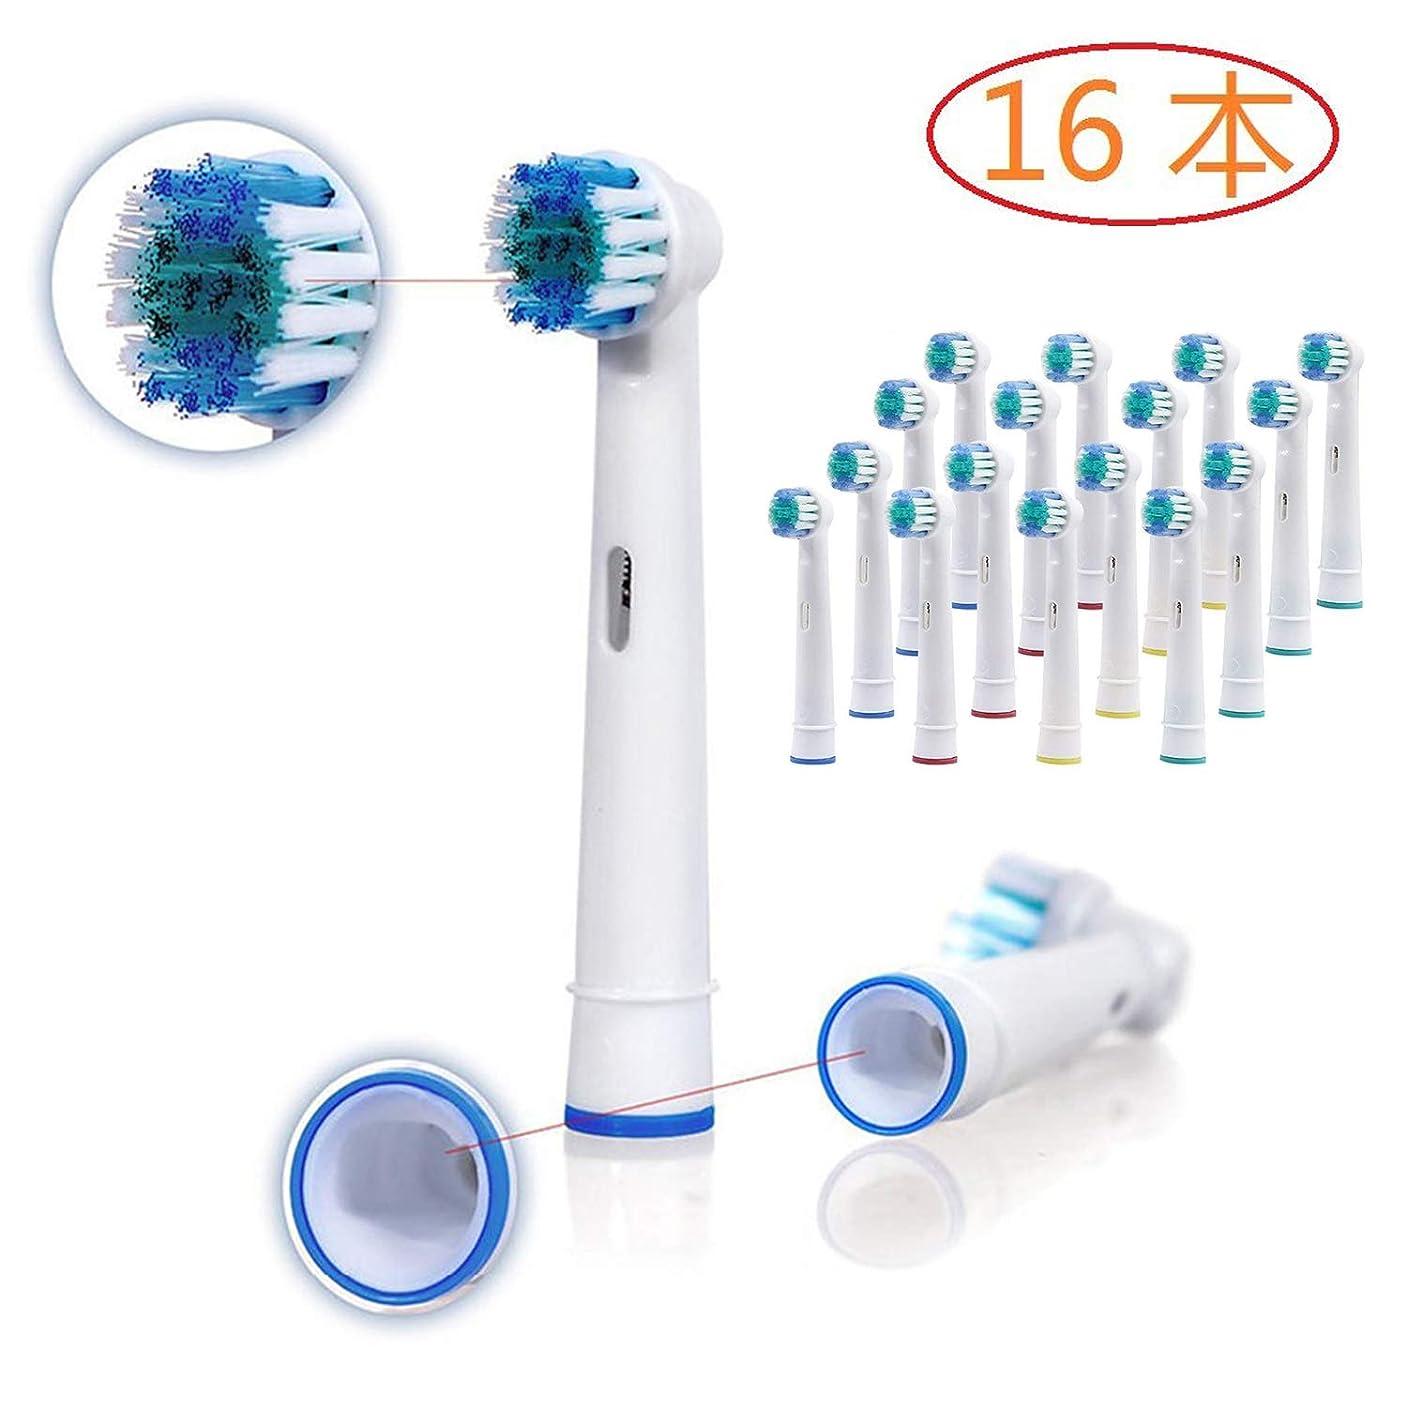 フクロウ臨検検索エンジン最適化電動歯ブラシ 替えブラシブラウン オーラルB 対応 替えブラシ 16本 (白)